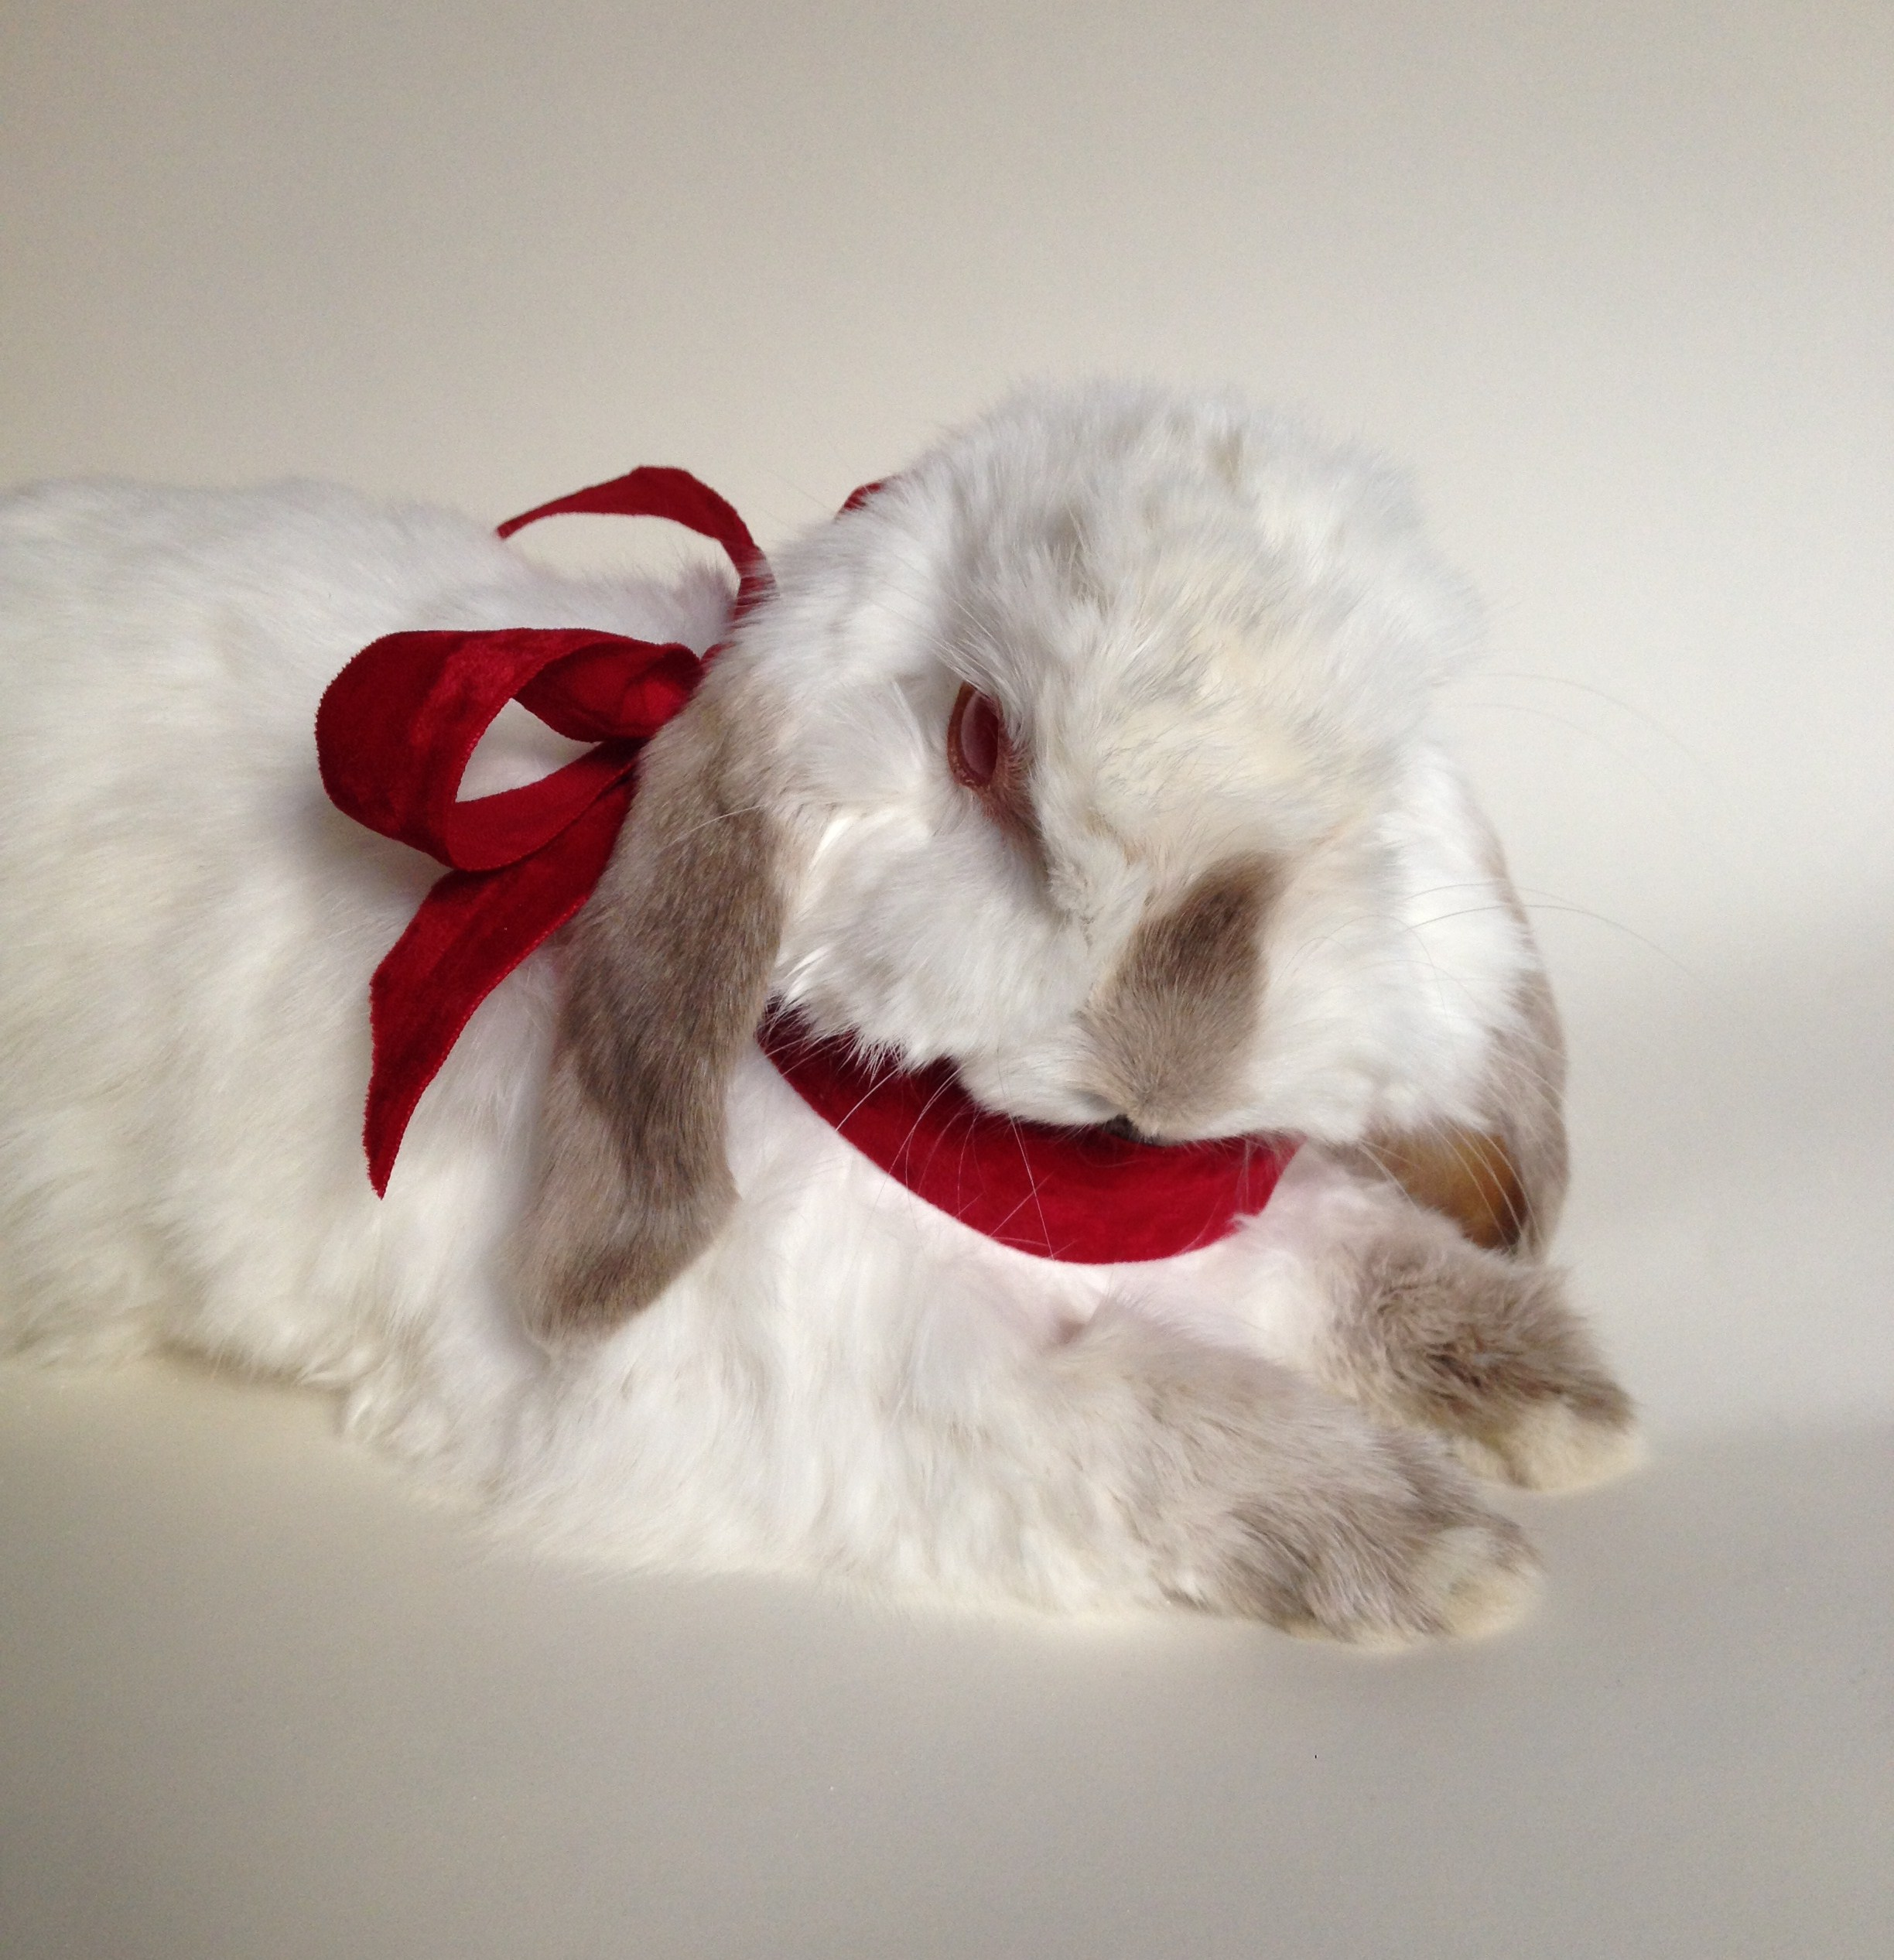 Elvis - pet bunny 2015.jpg